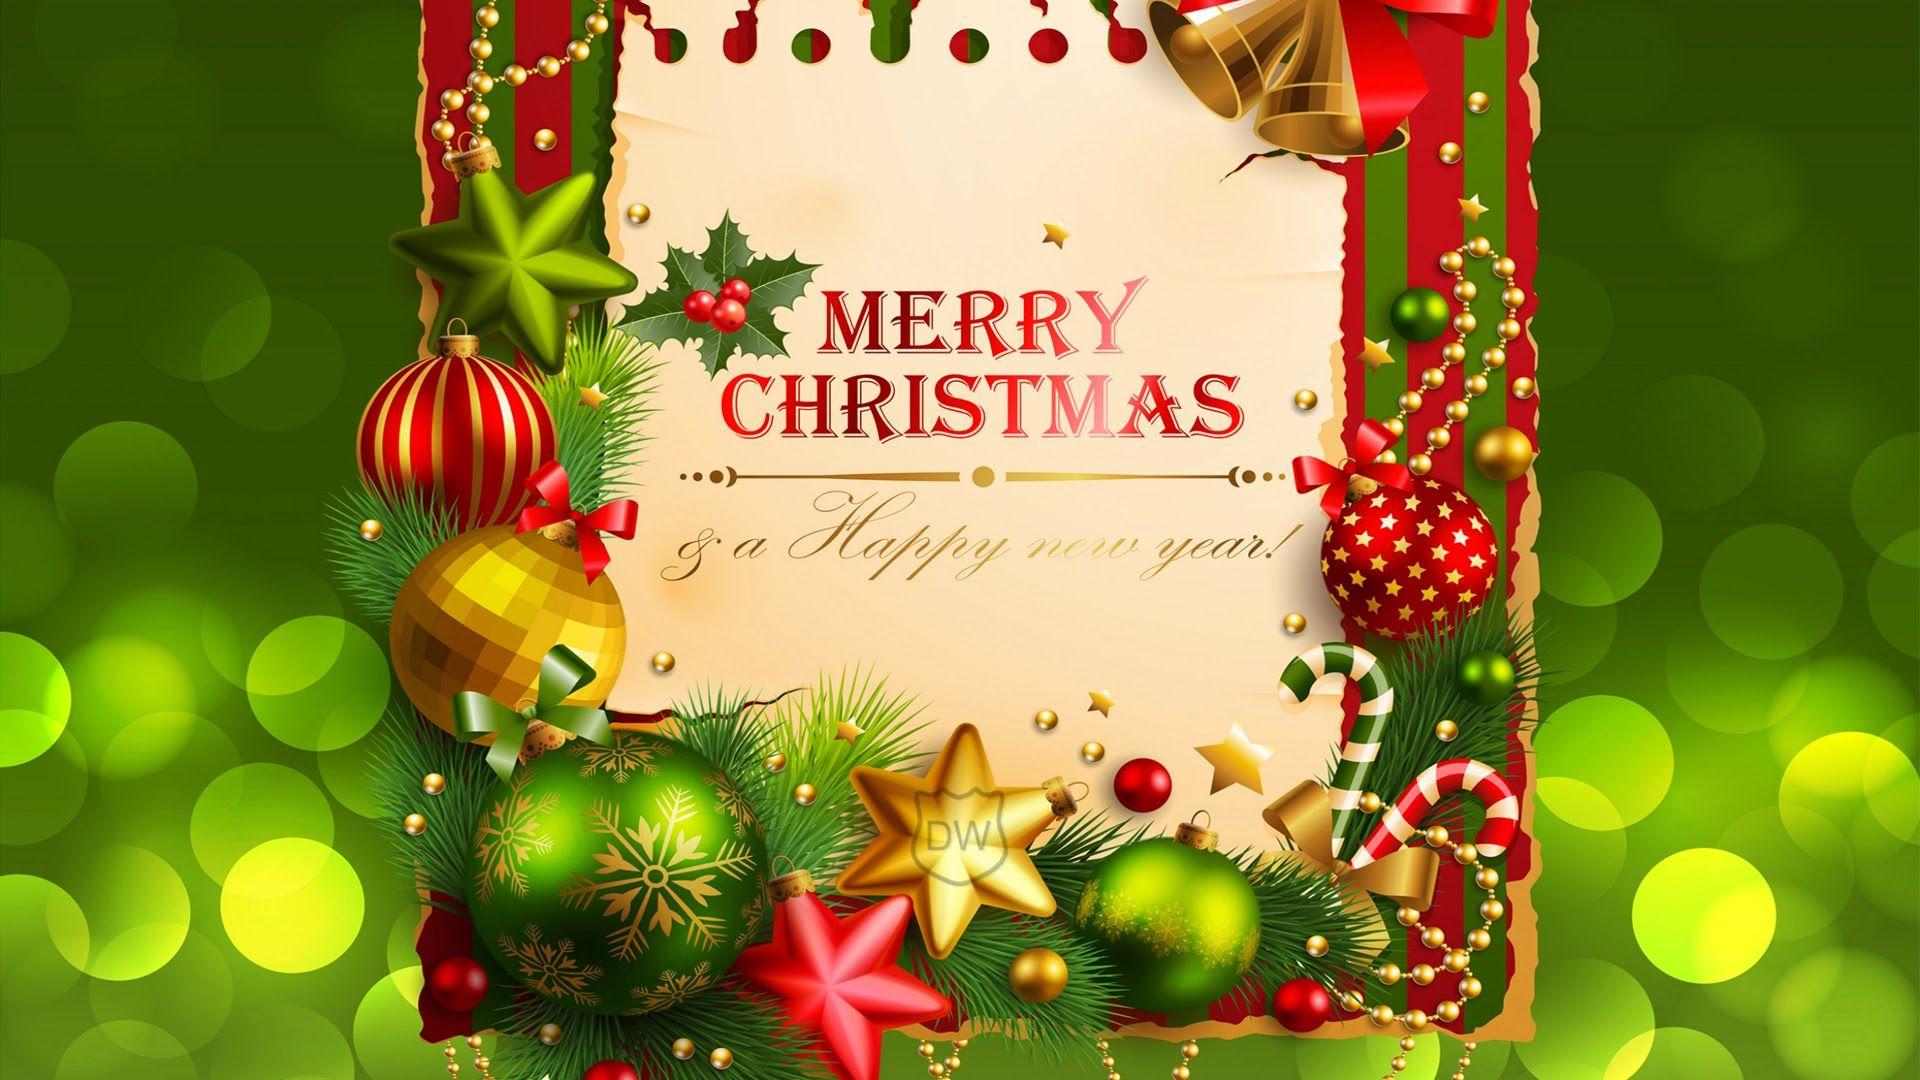 christmas wallpaper 19 facebook - photo #45